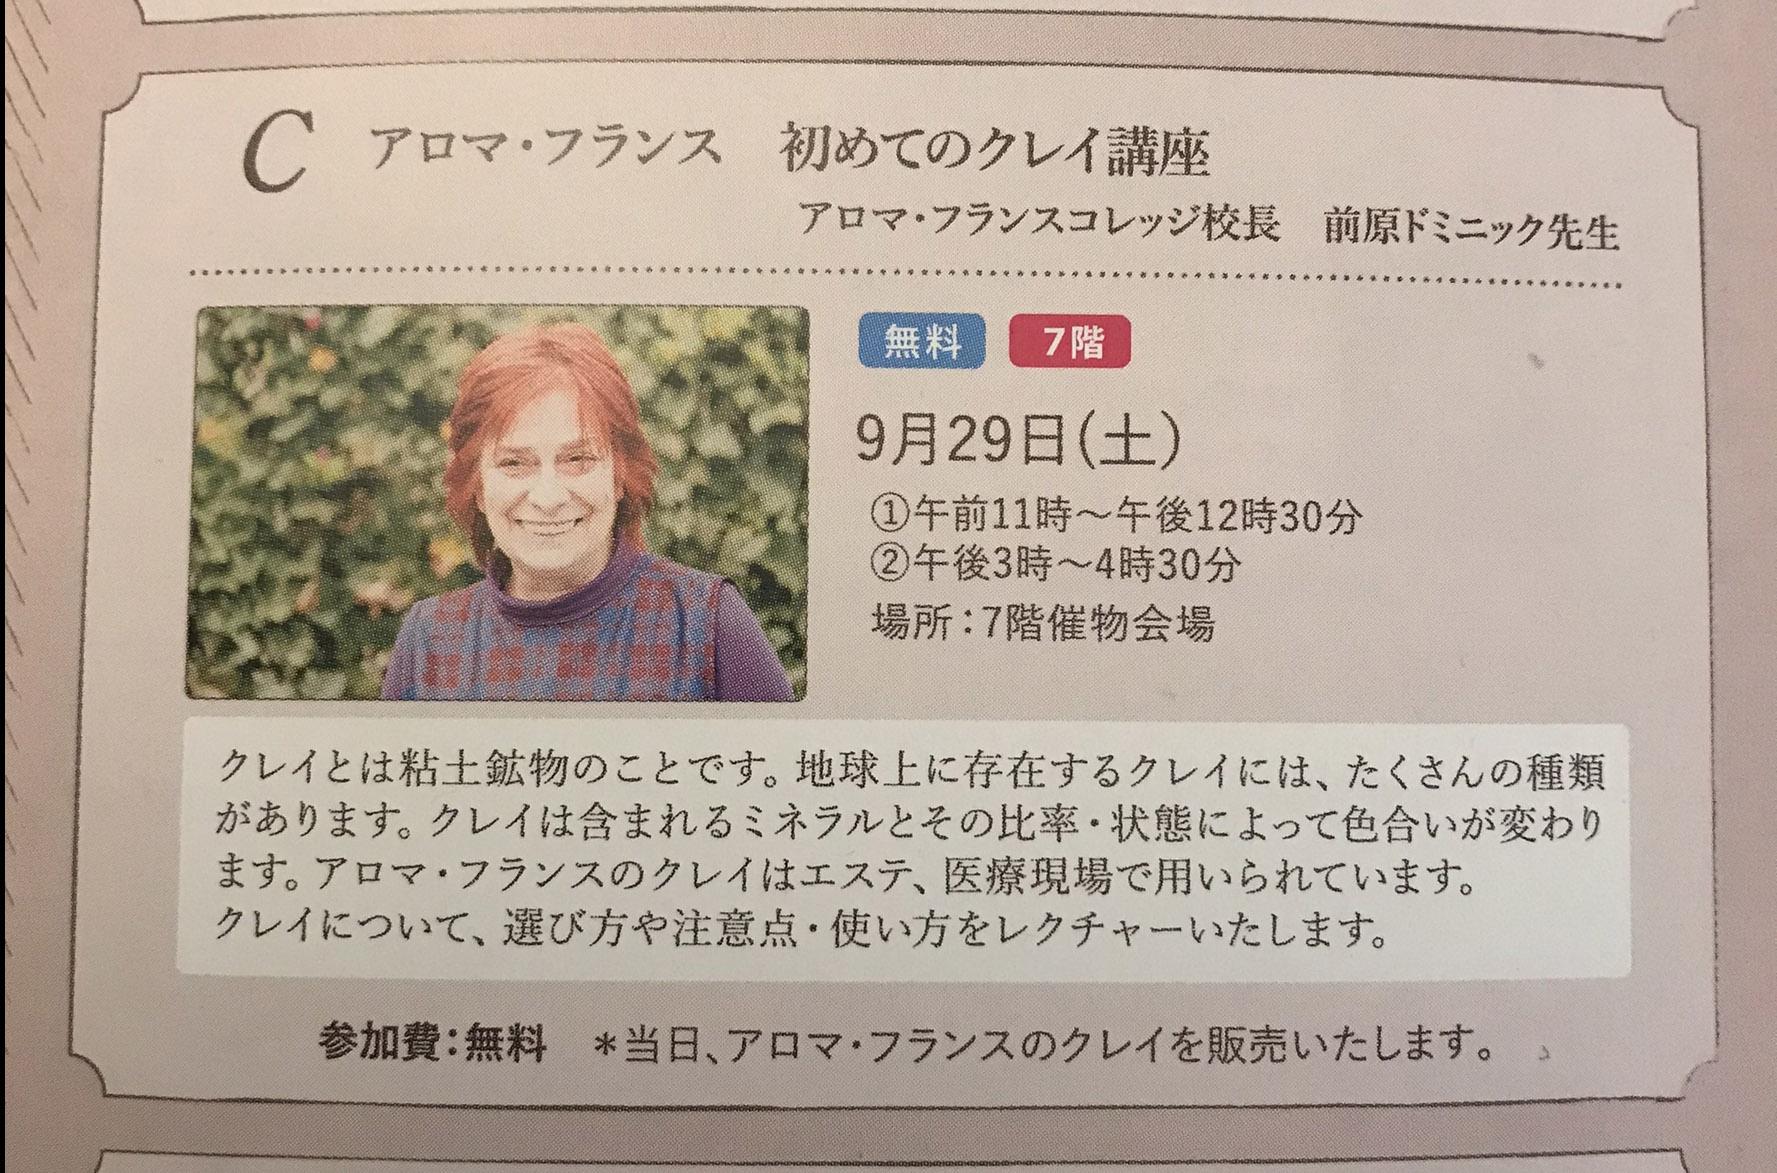 スペシャルセミナーのお知らせ:『カリス成城 癒しフェア2018 ~自然からの贈り物~』